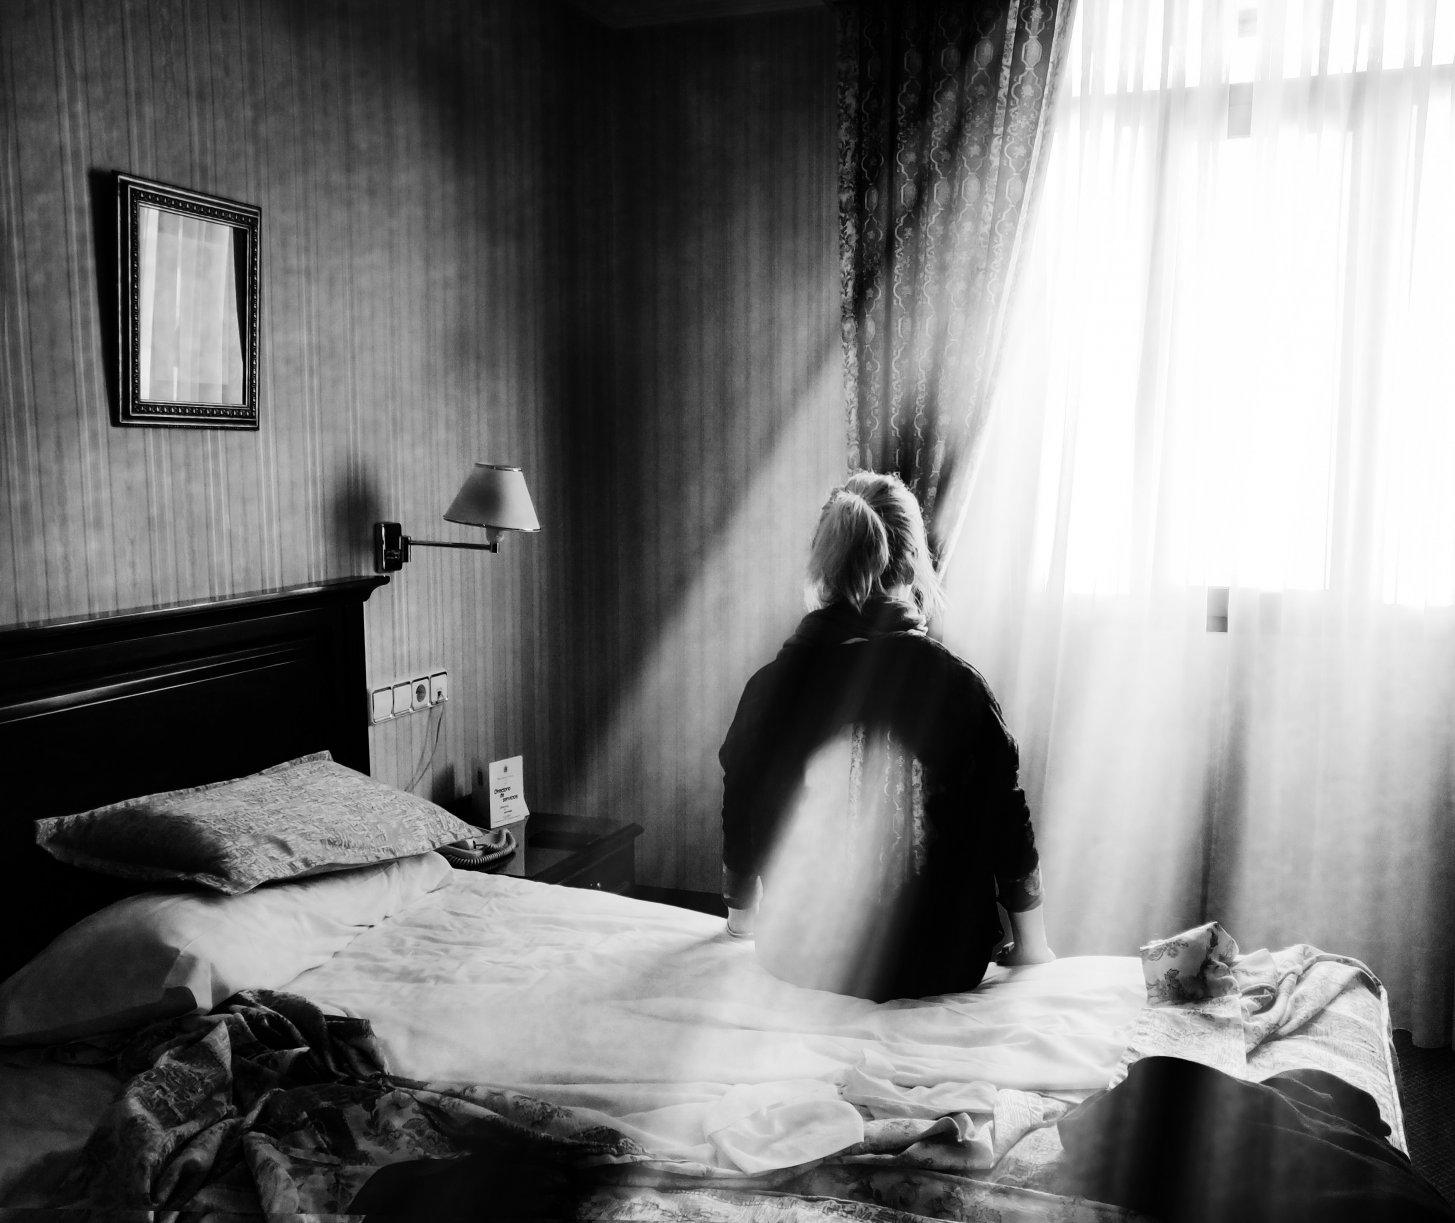 La habitación de hotel (2018) - Esperanza Manzanera Ferrándiz - Velmock